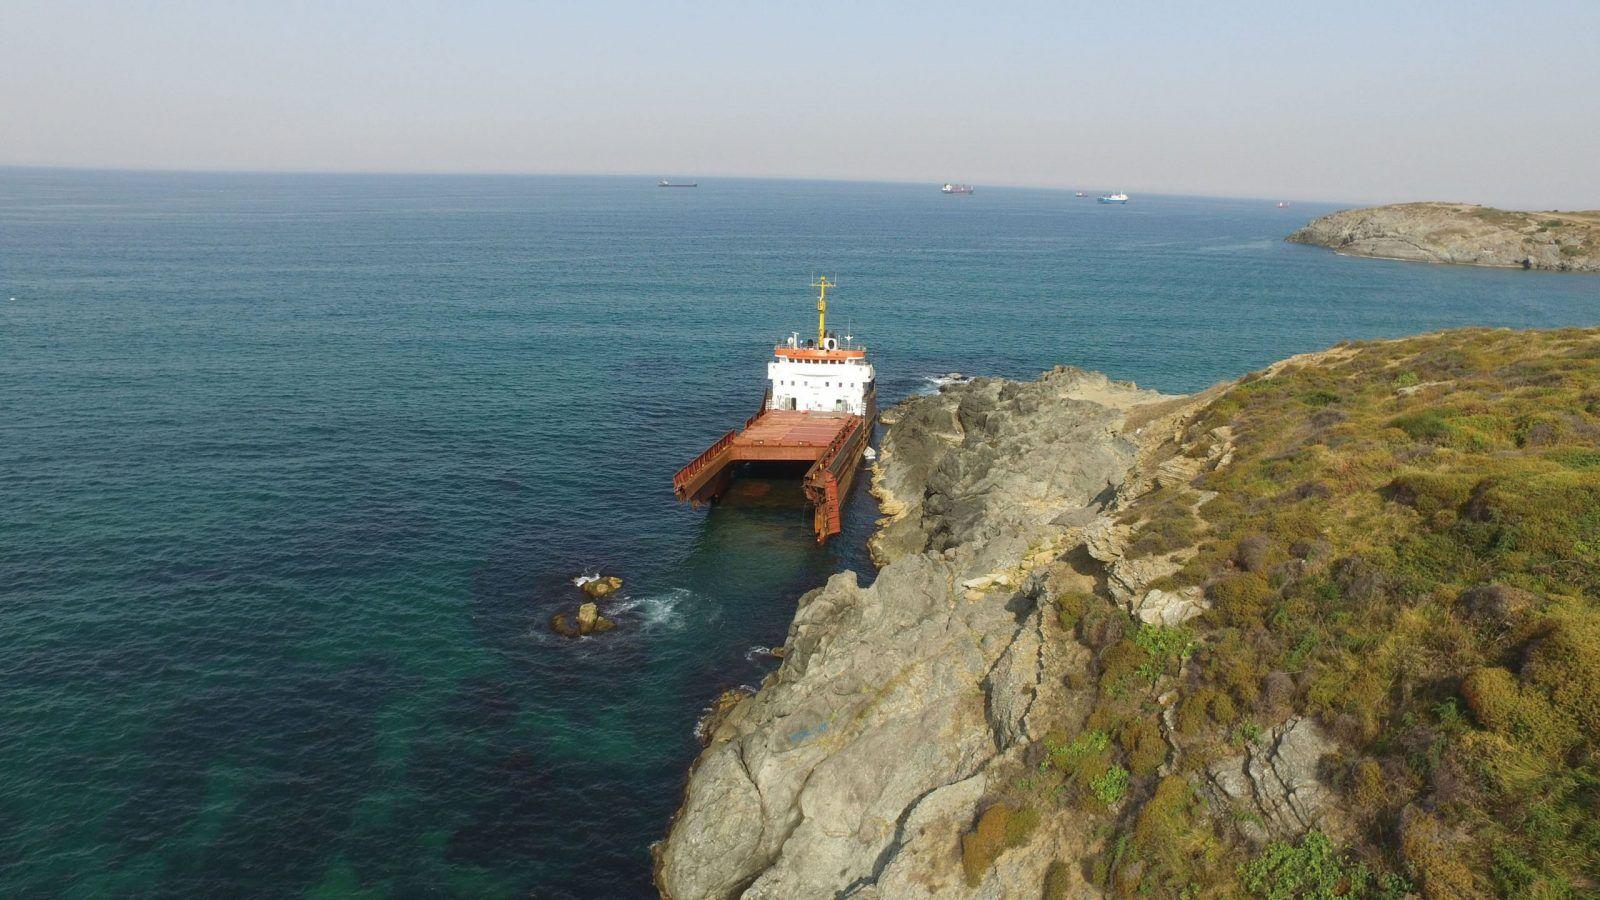 haberler, gundem - MV Leonard kazası 3 scaled - Kilyos Açıklarında Kırılan Gemi Parçalanmaya Başladı